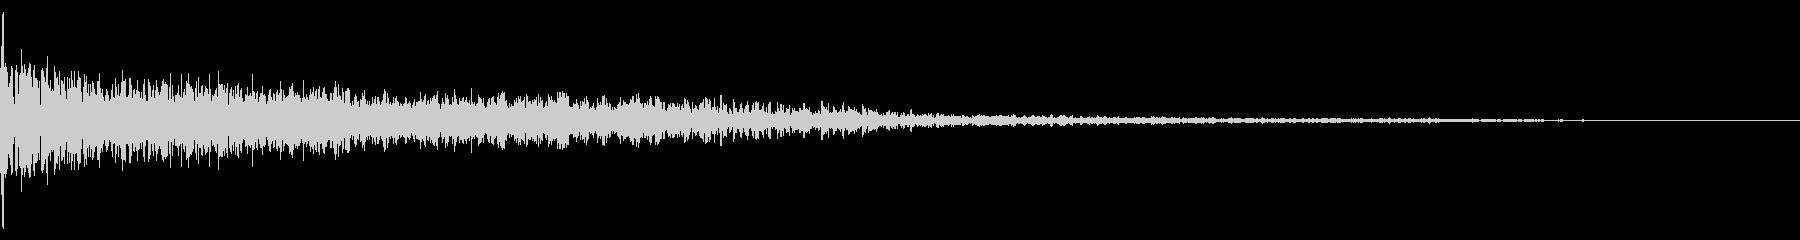 ホラー系アタック音13の未再生の波形